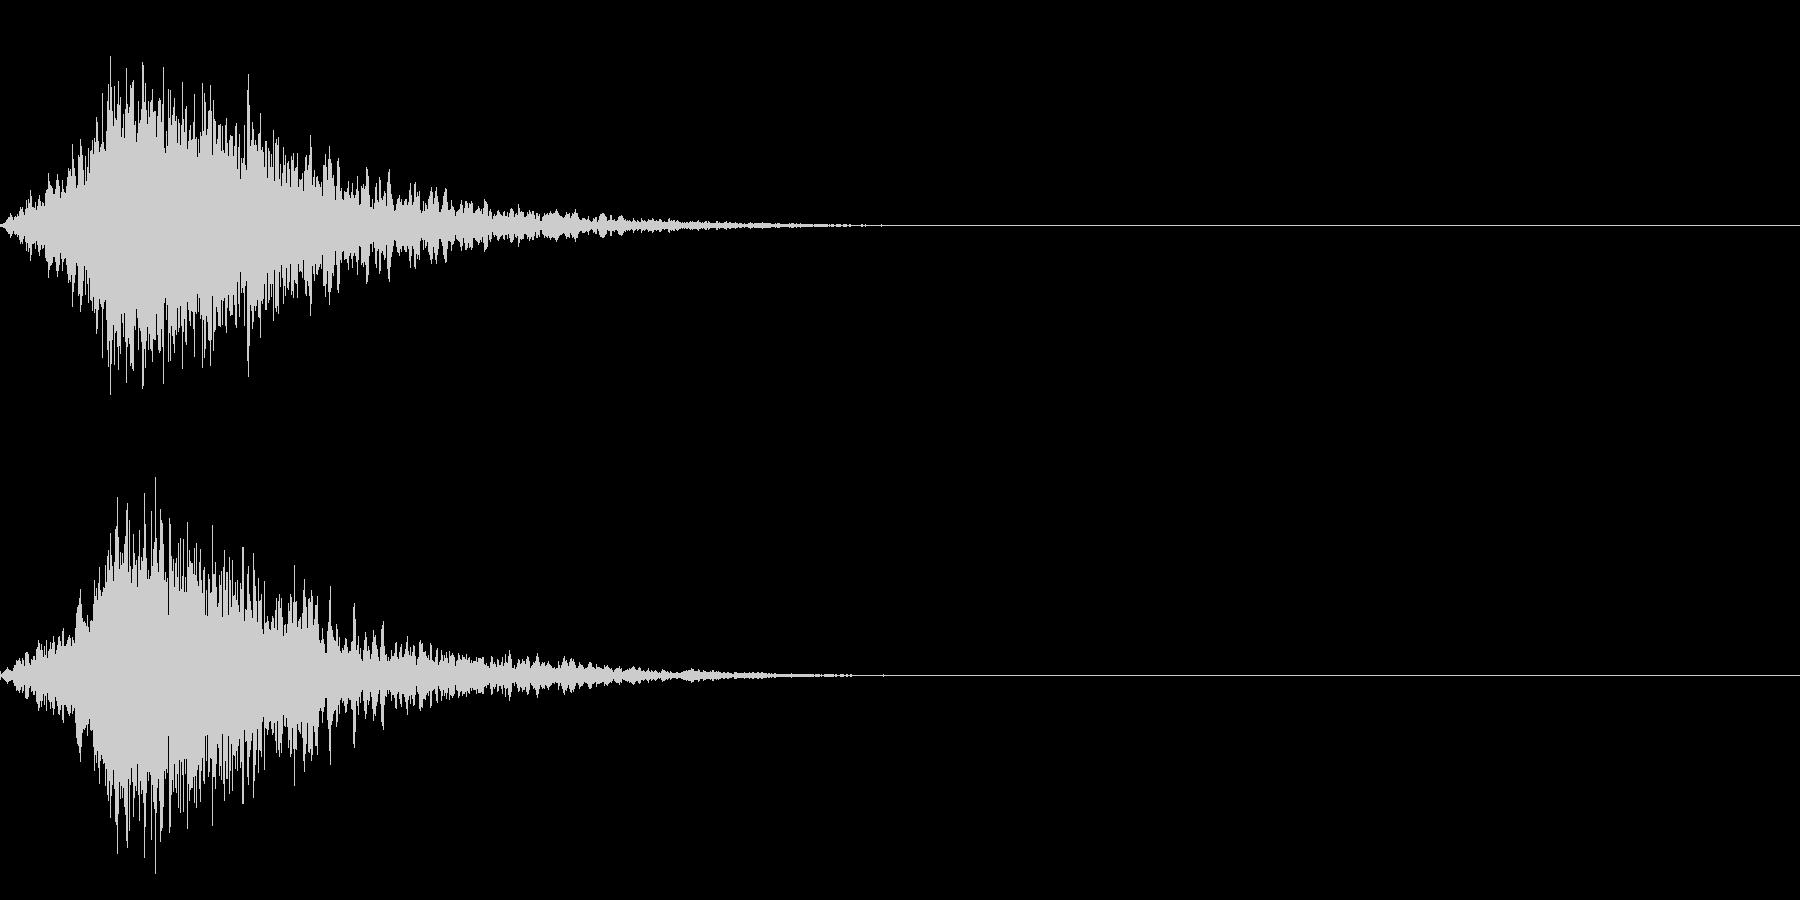 シャキーン(刀や剣、光、インパクト)2bの未再生の波形